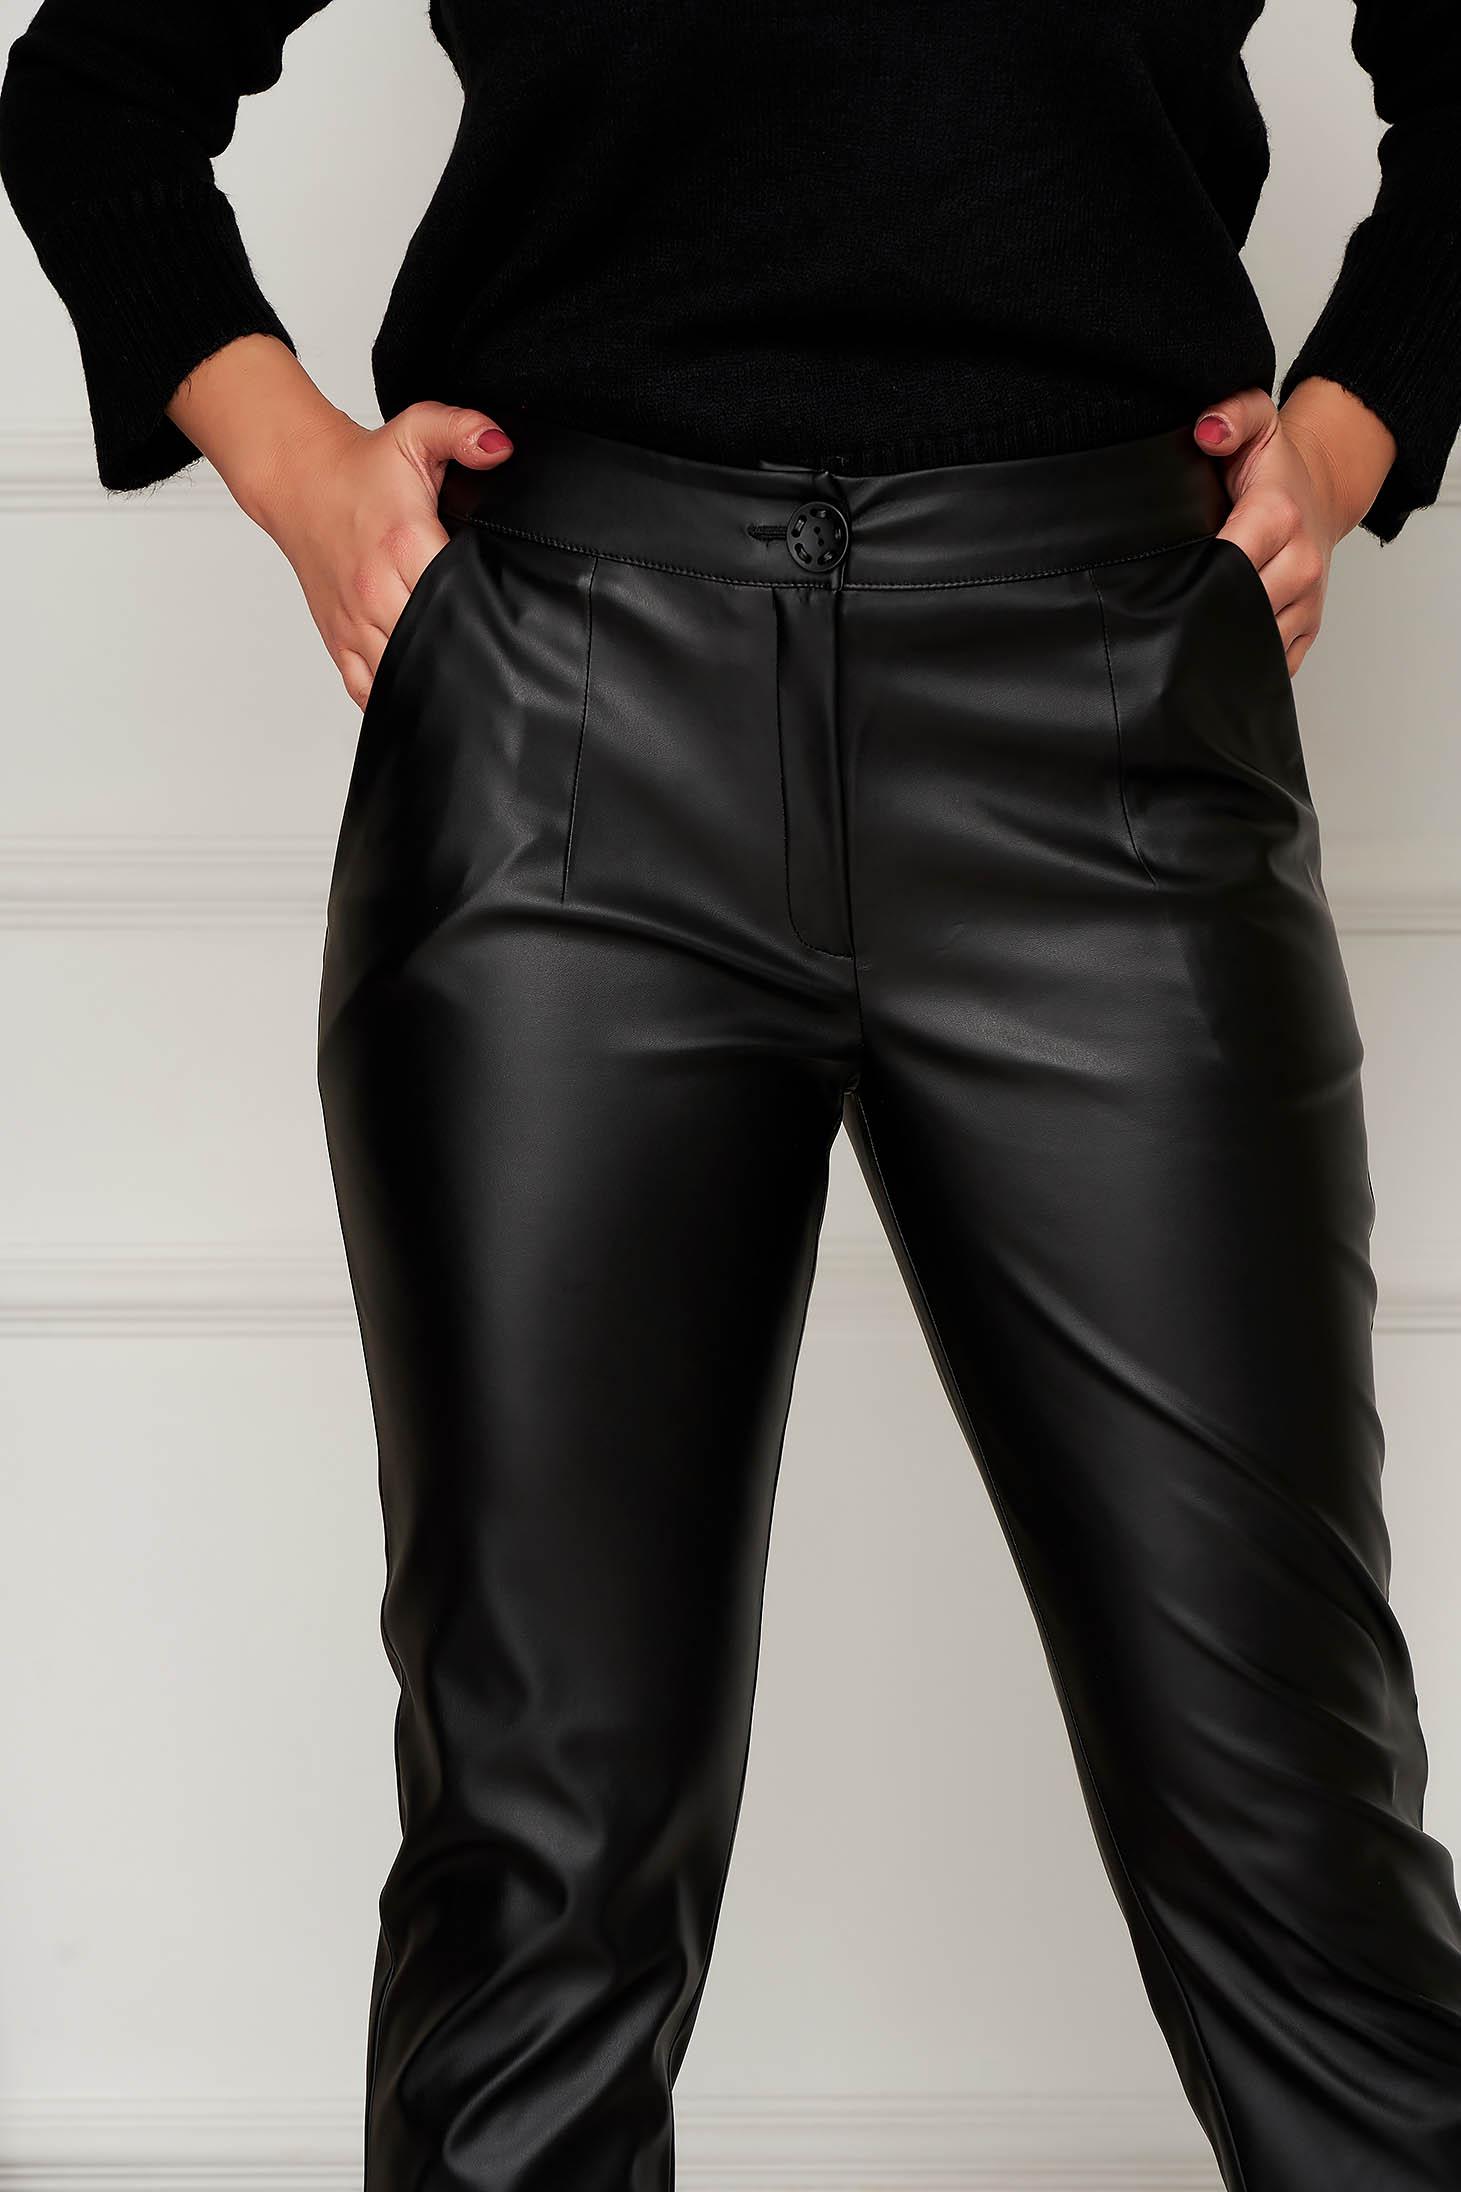 Pantaloni Artista din piele ecologica negri conici cu croi larg si cu buzunare